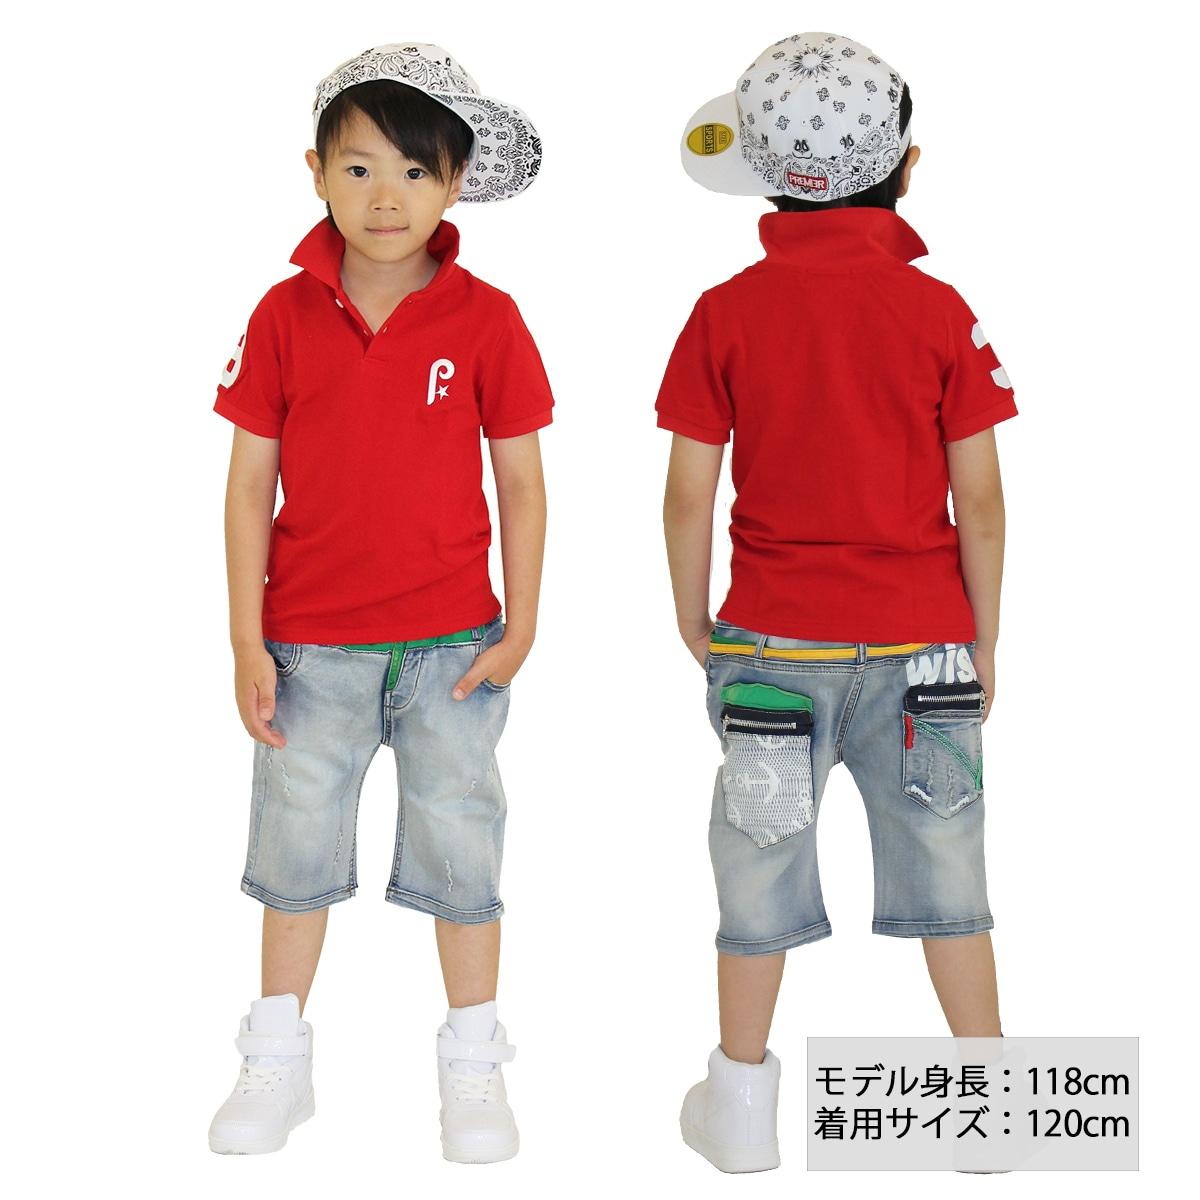 男の子 着用イメージ